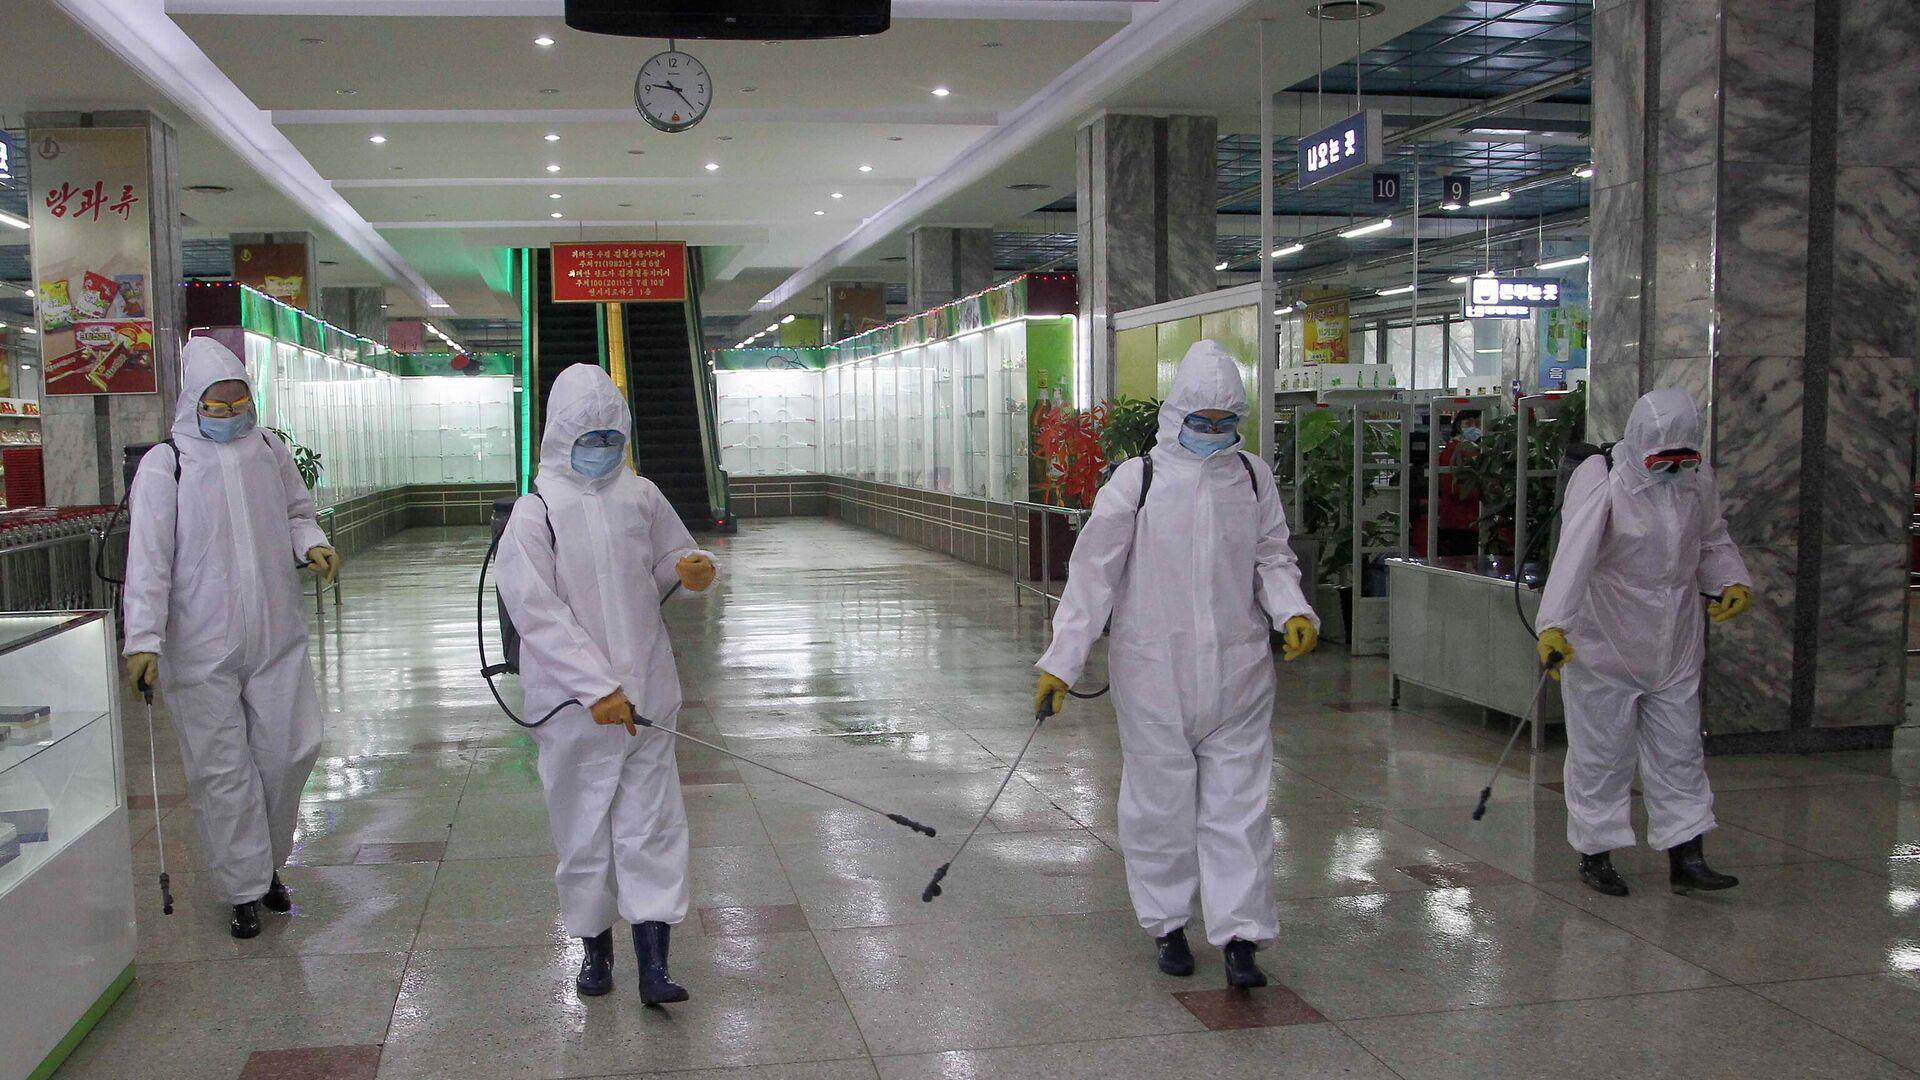 Las obras de desinfección en una tienda en Pyongyang - Sputnik Mundo, 1920, 19.05.2021